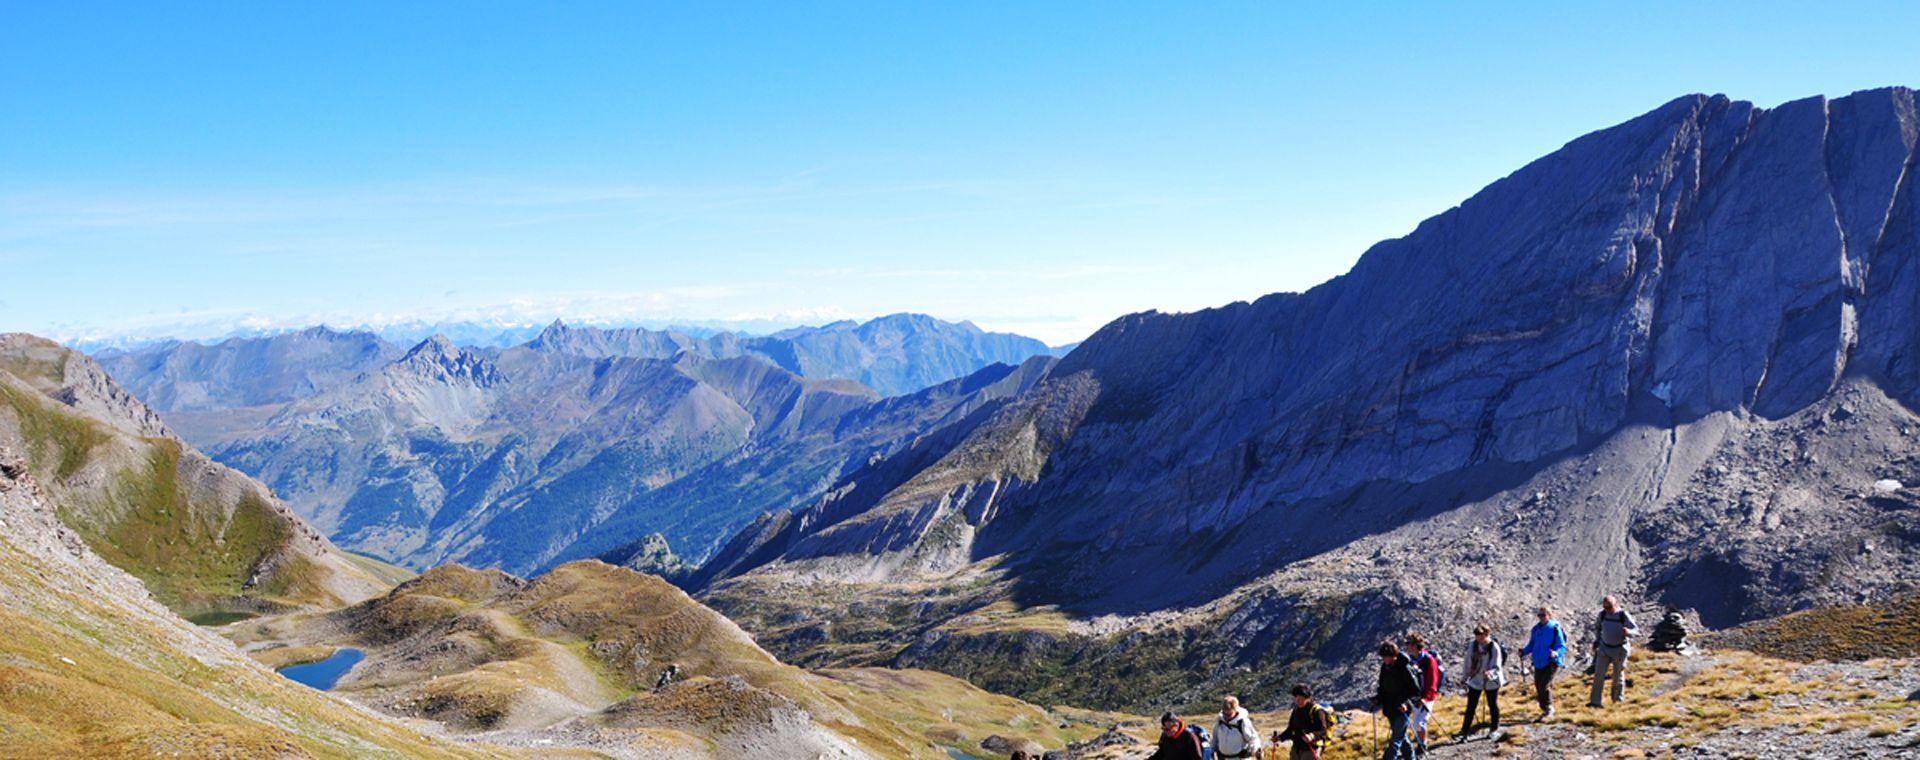 Voyage à pied : Tour du Queyras